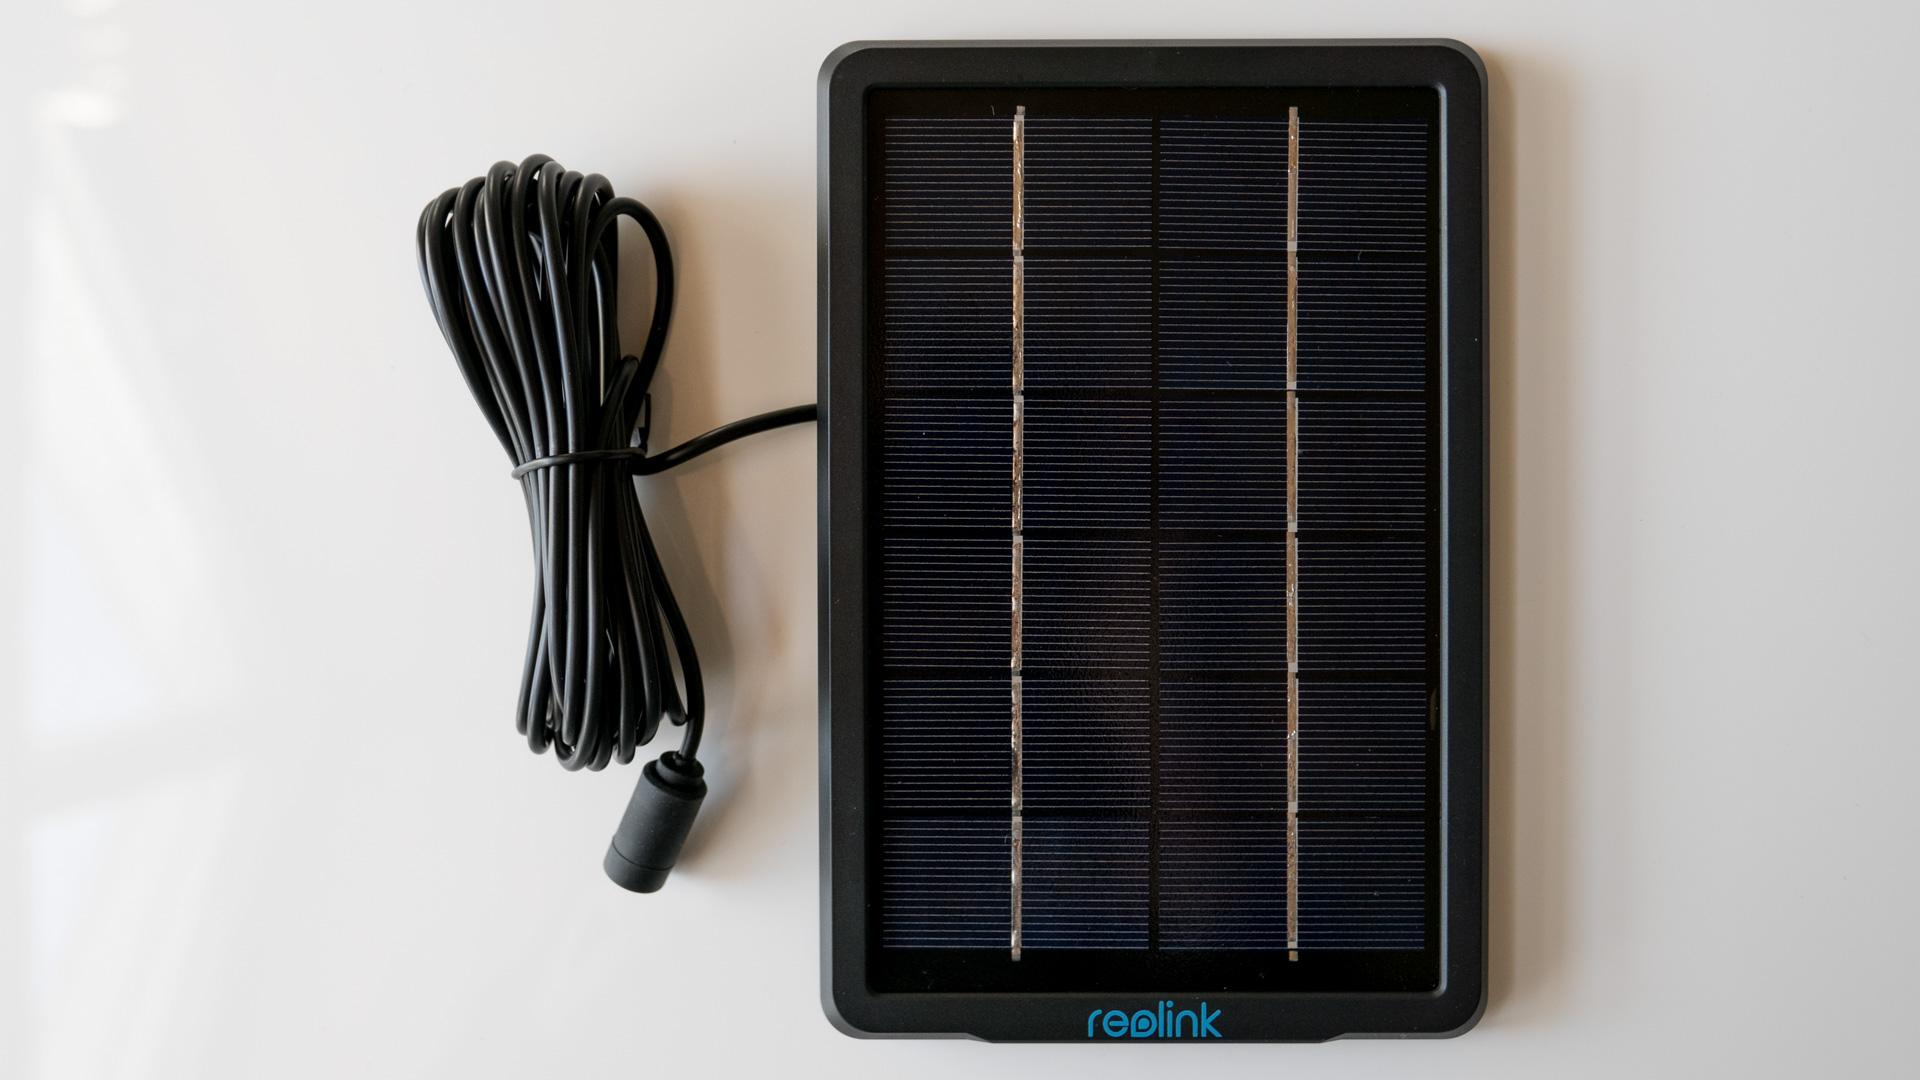 Reolink Solar Panel Details 01